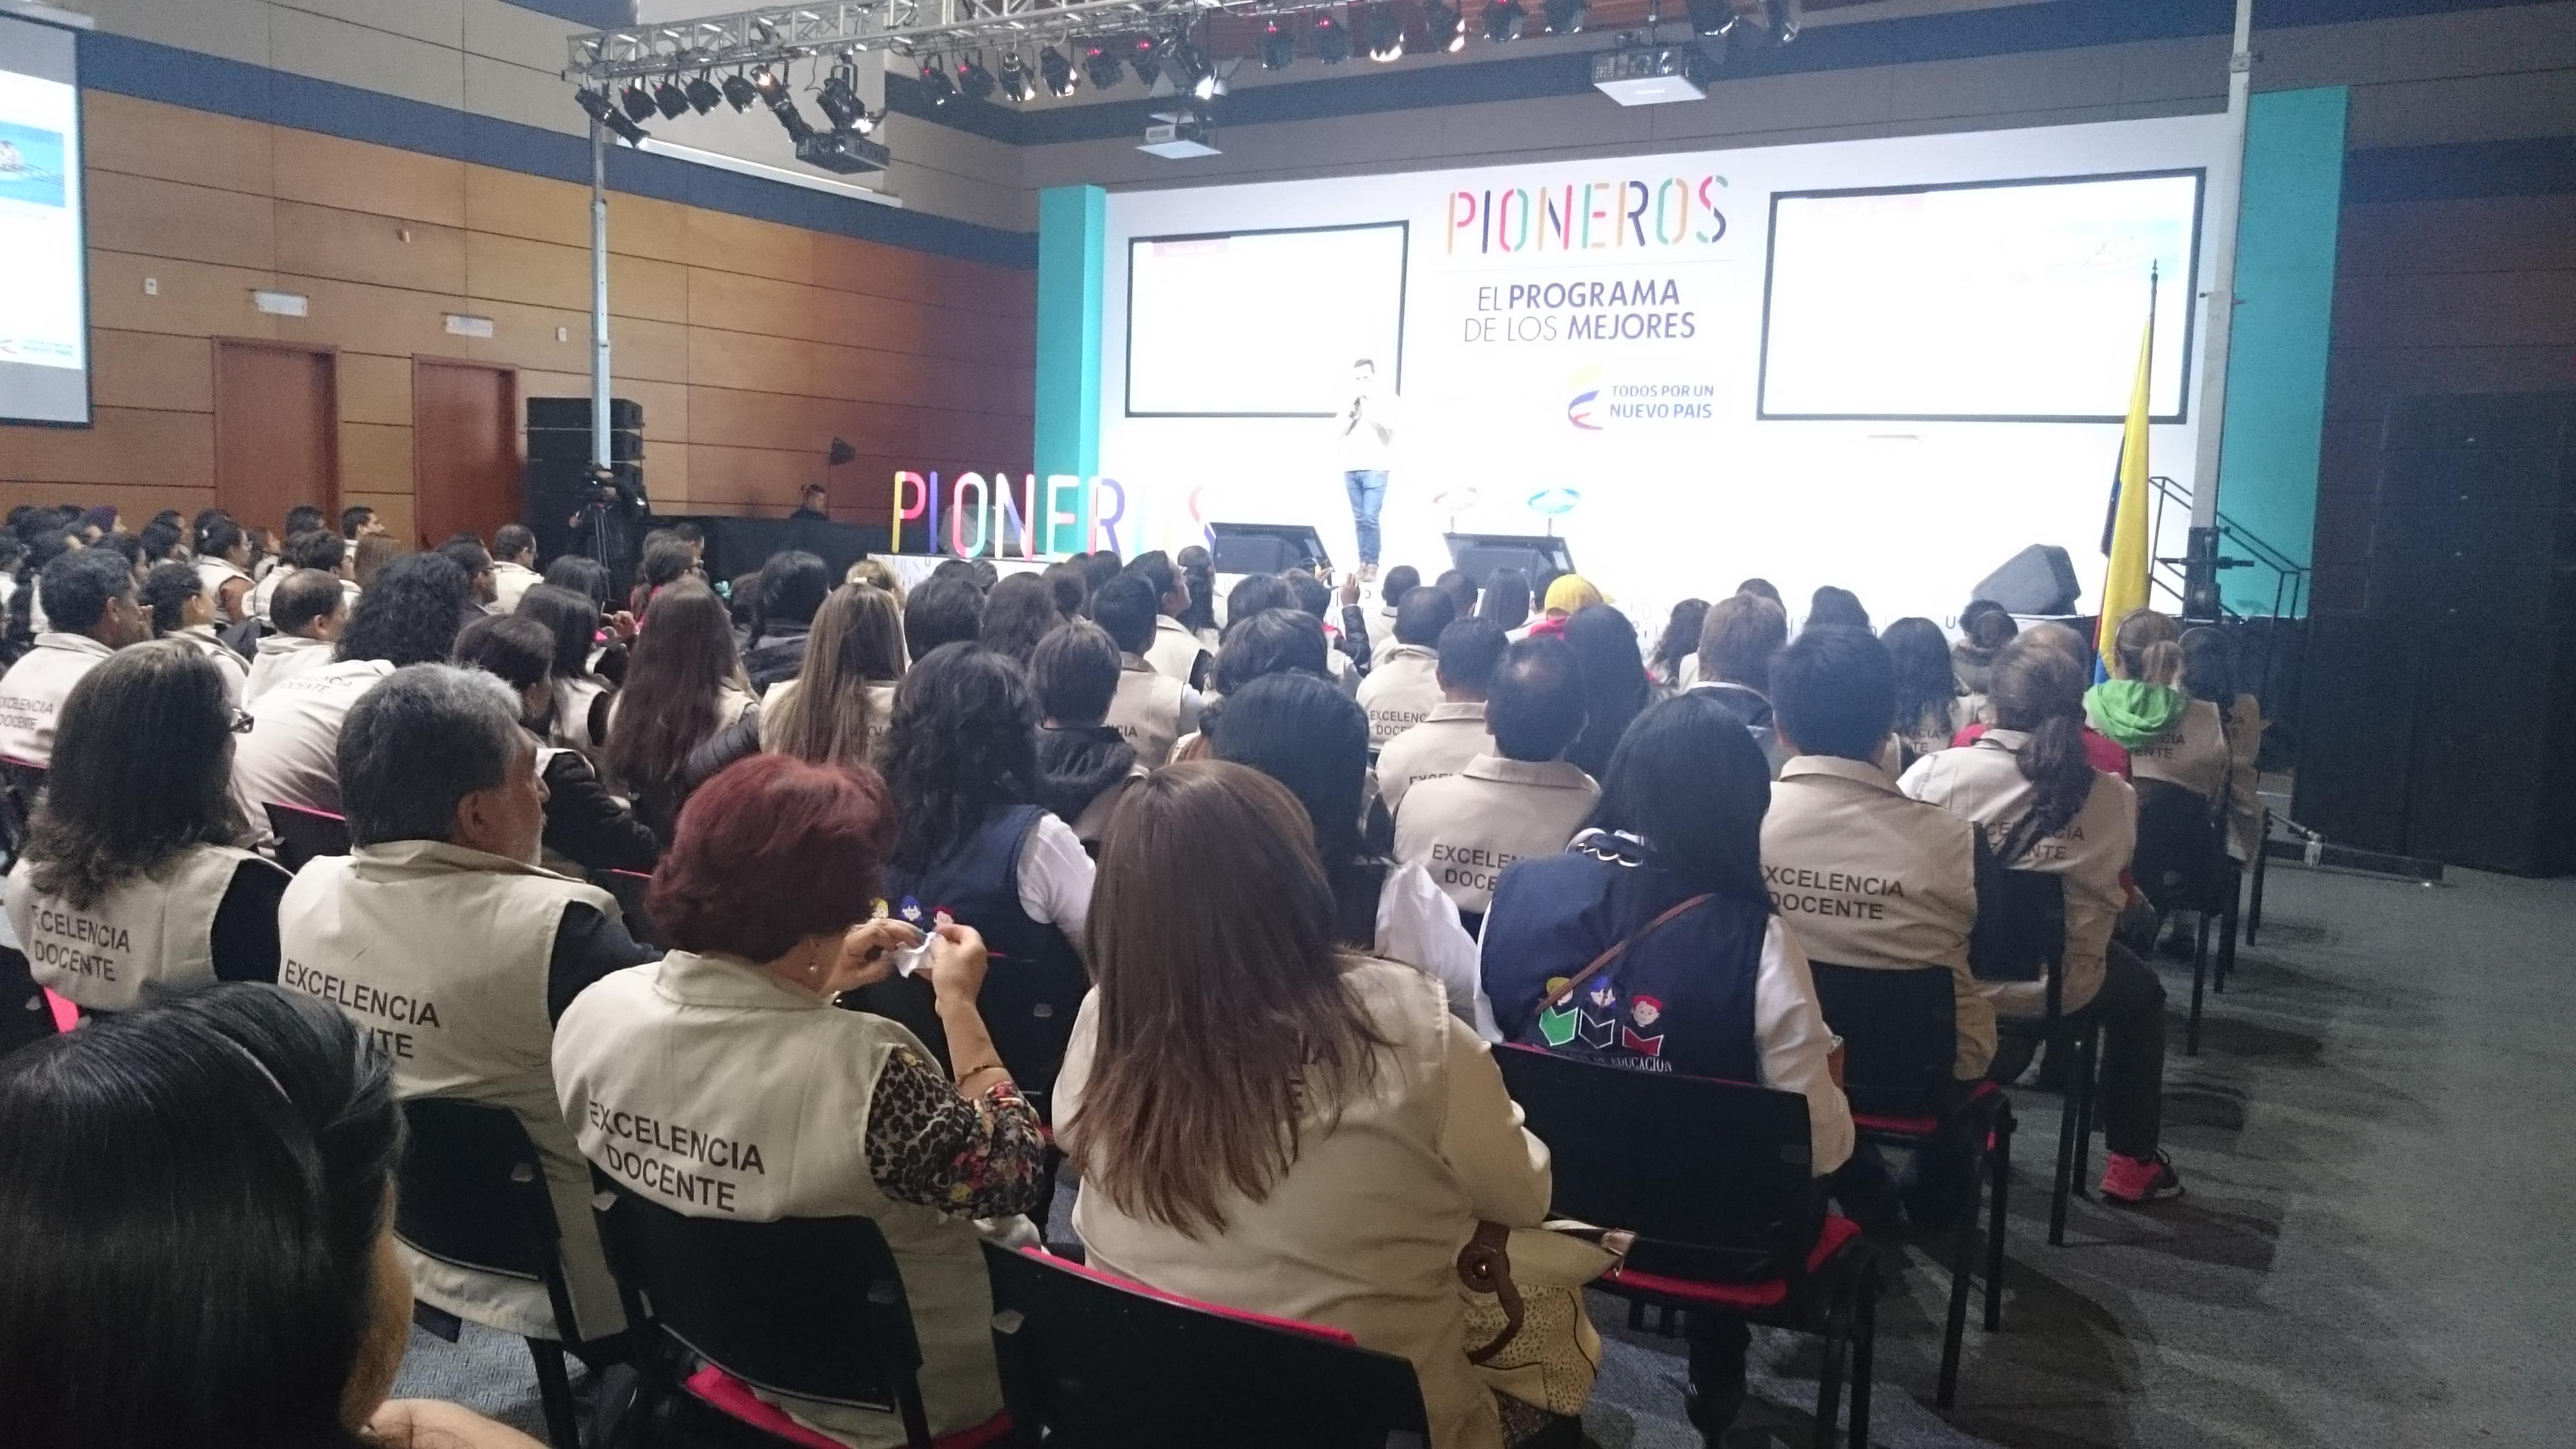 Se realizó en Boyacá programa 'Pioneros' dirigido a los mejores docentes